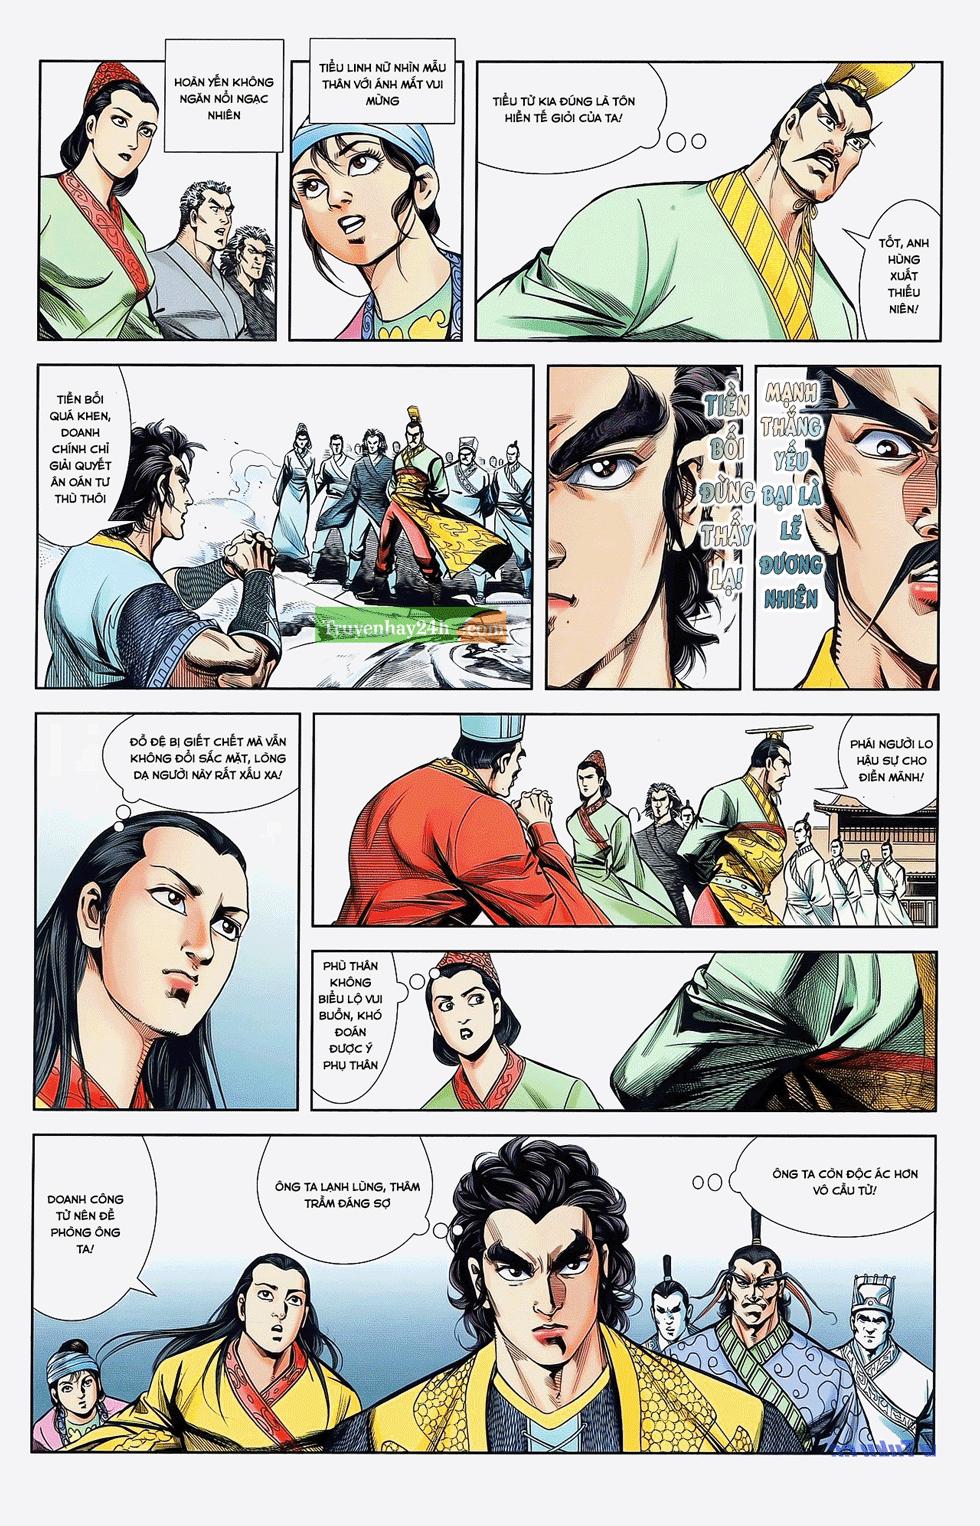 Tần Vương Doanh Chính chapter 22 trang 24